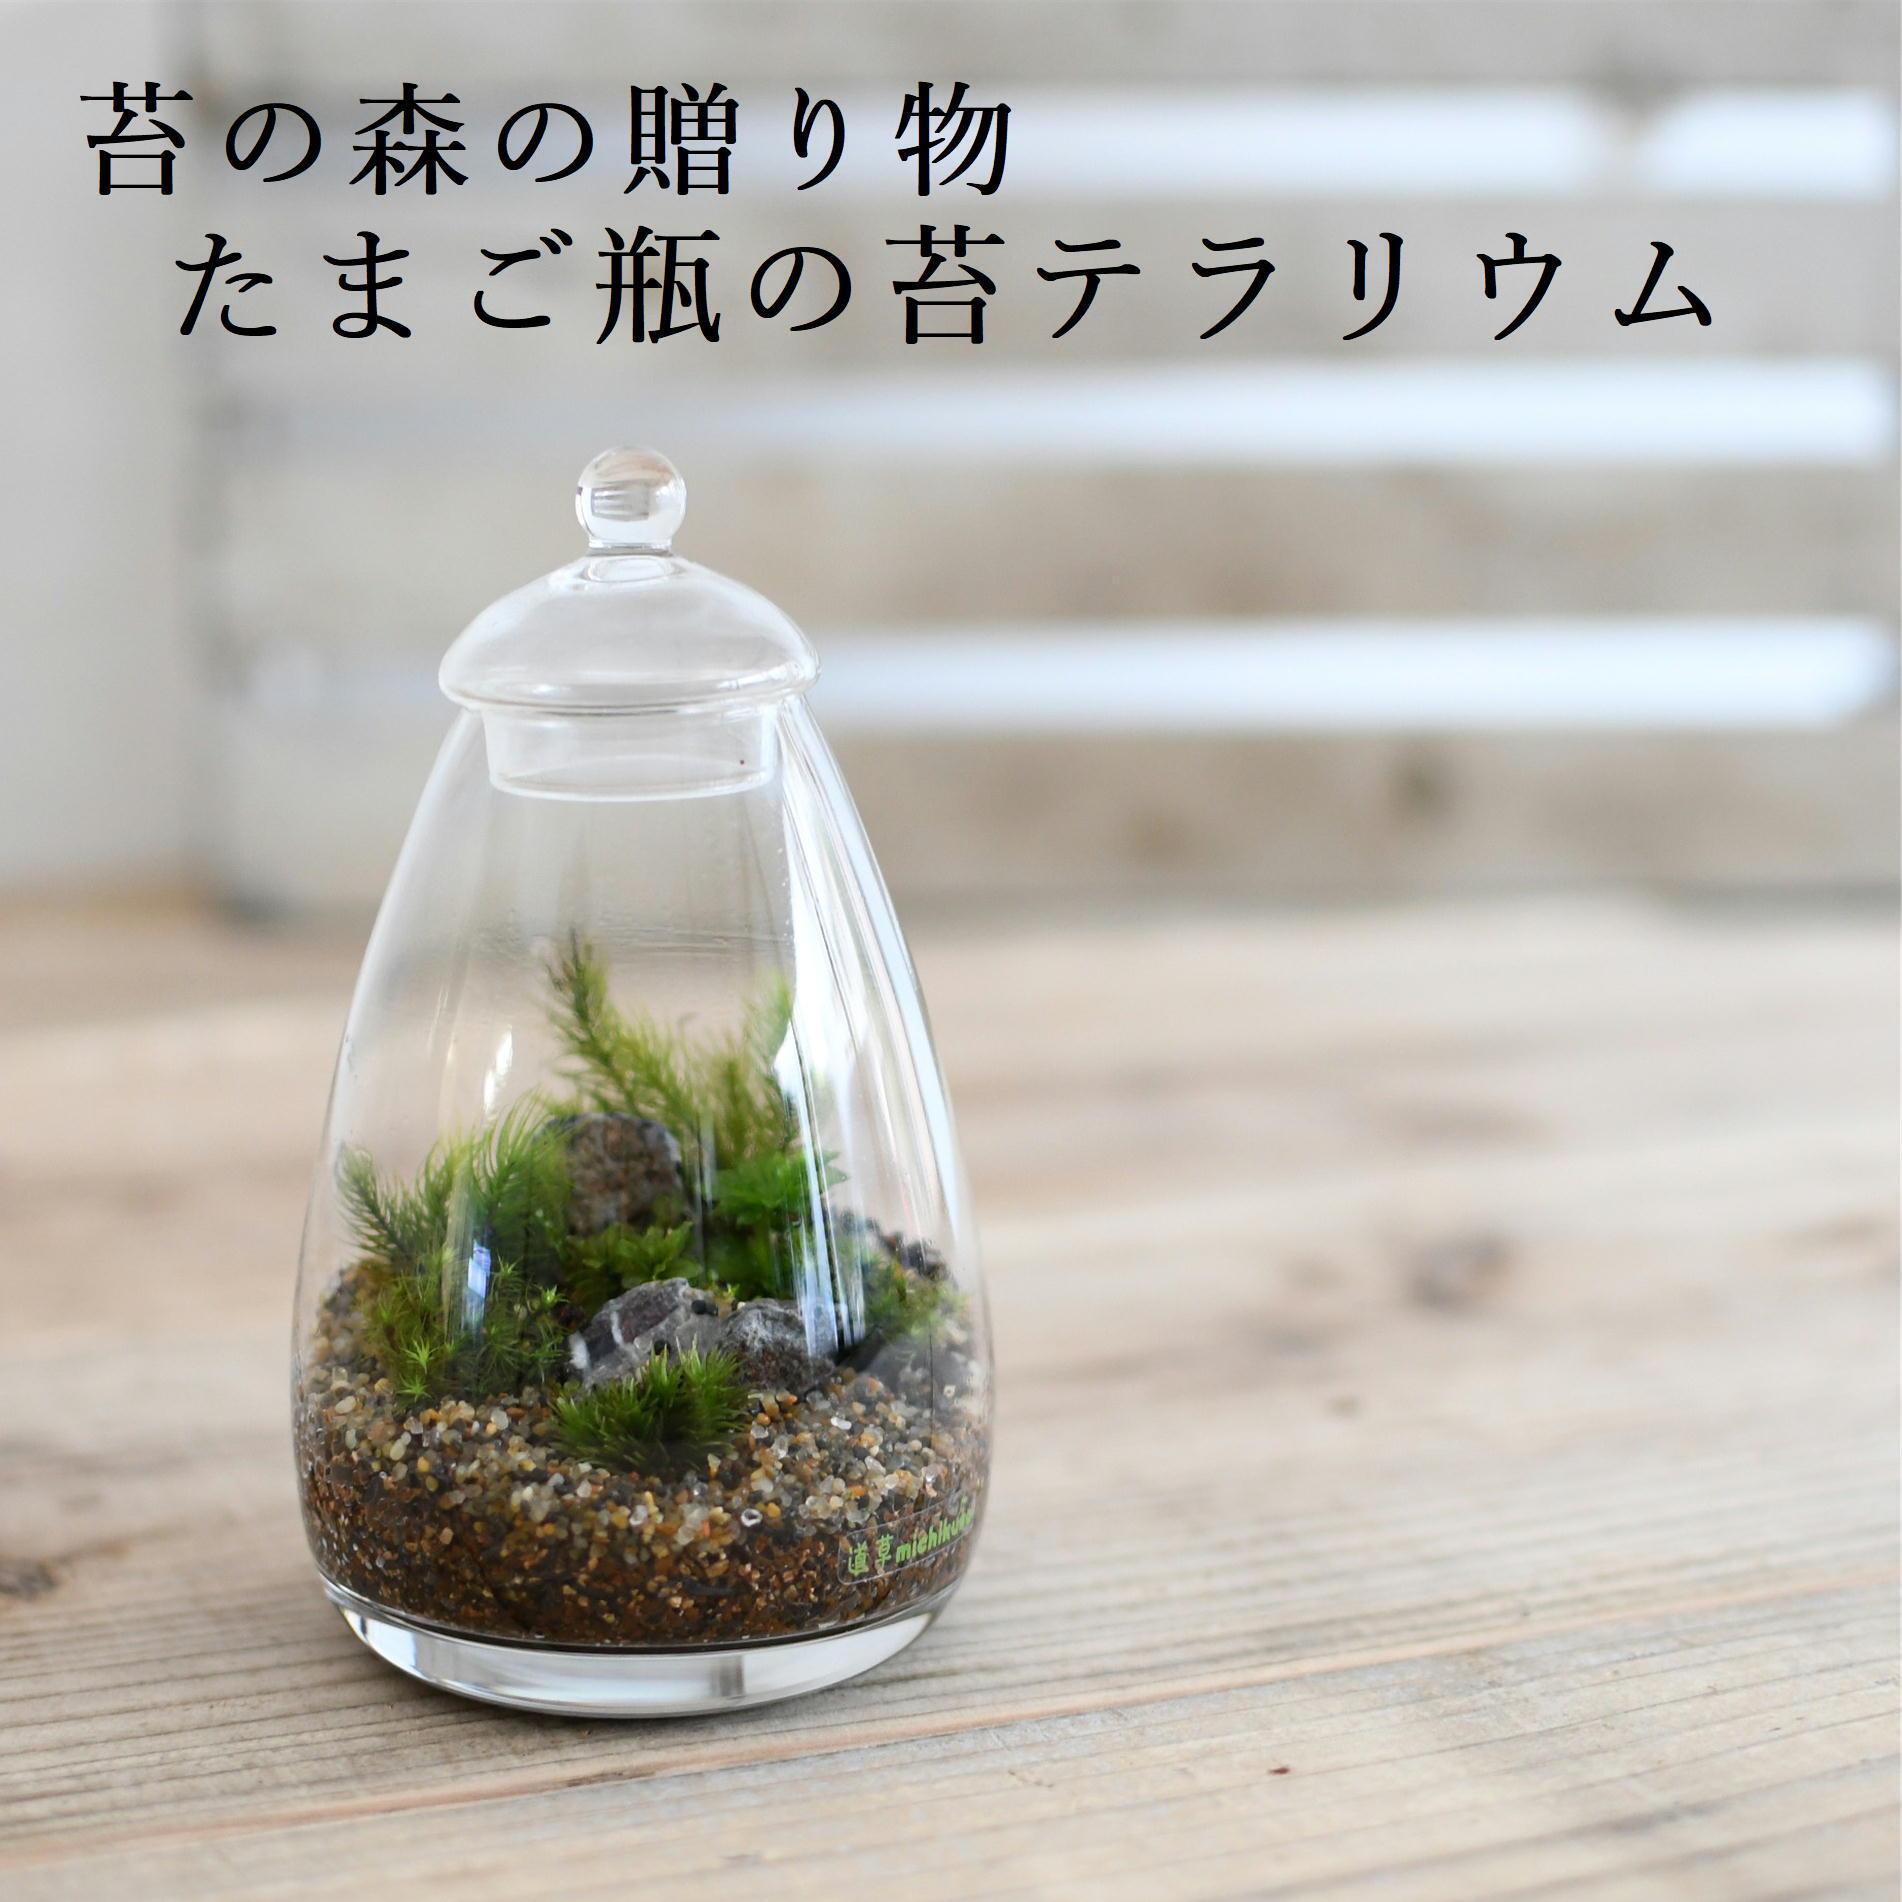 【苔の森の贈り物】苔テラリウム たまご瓶 ◆プレゼントにおすすめ